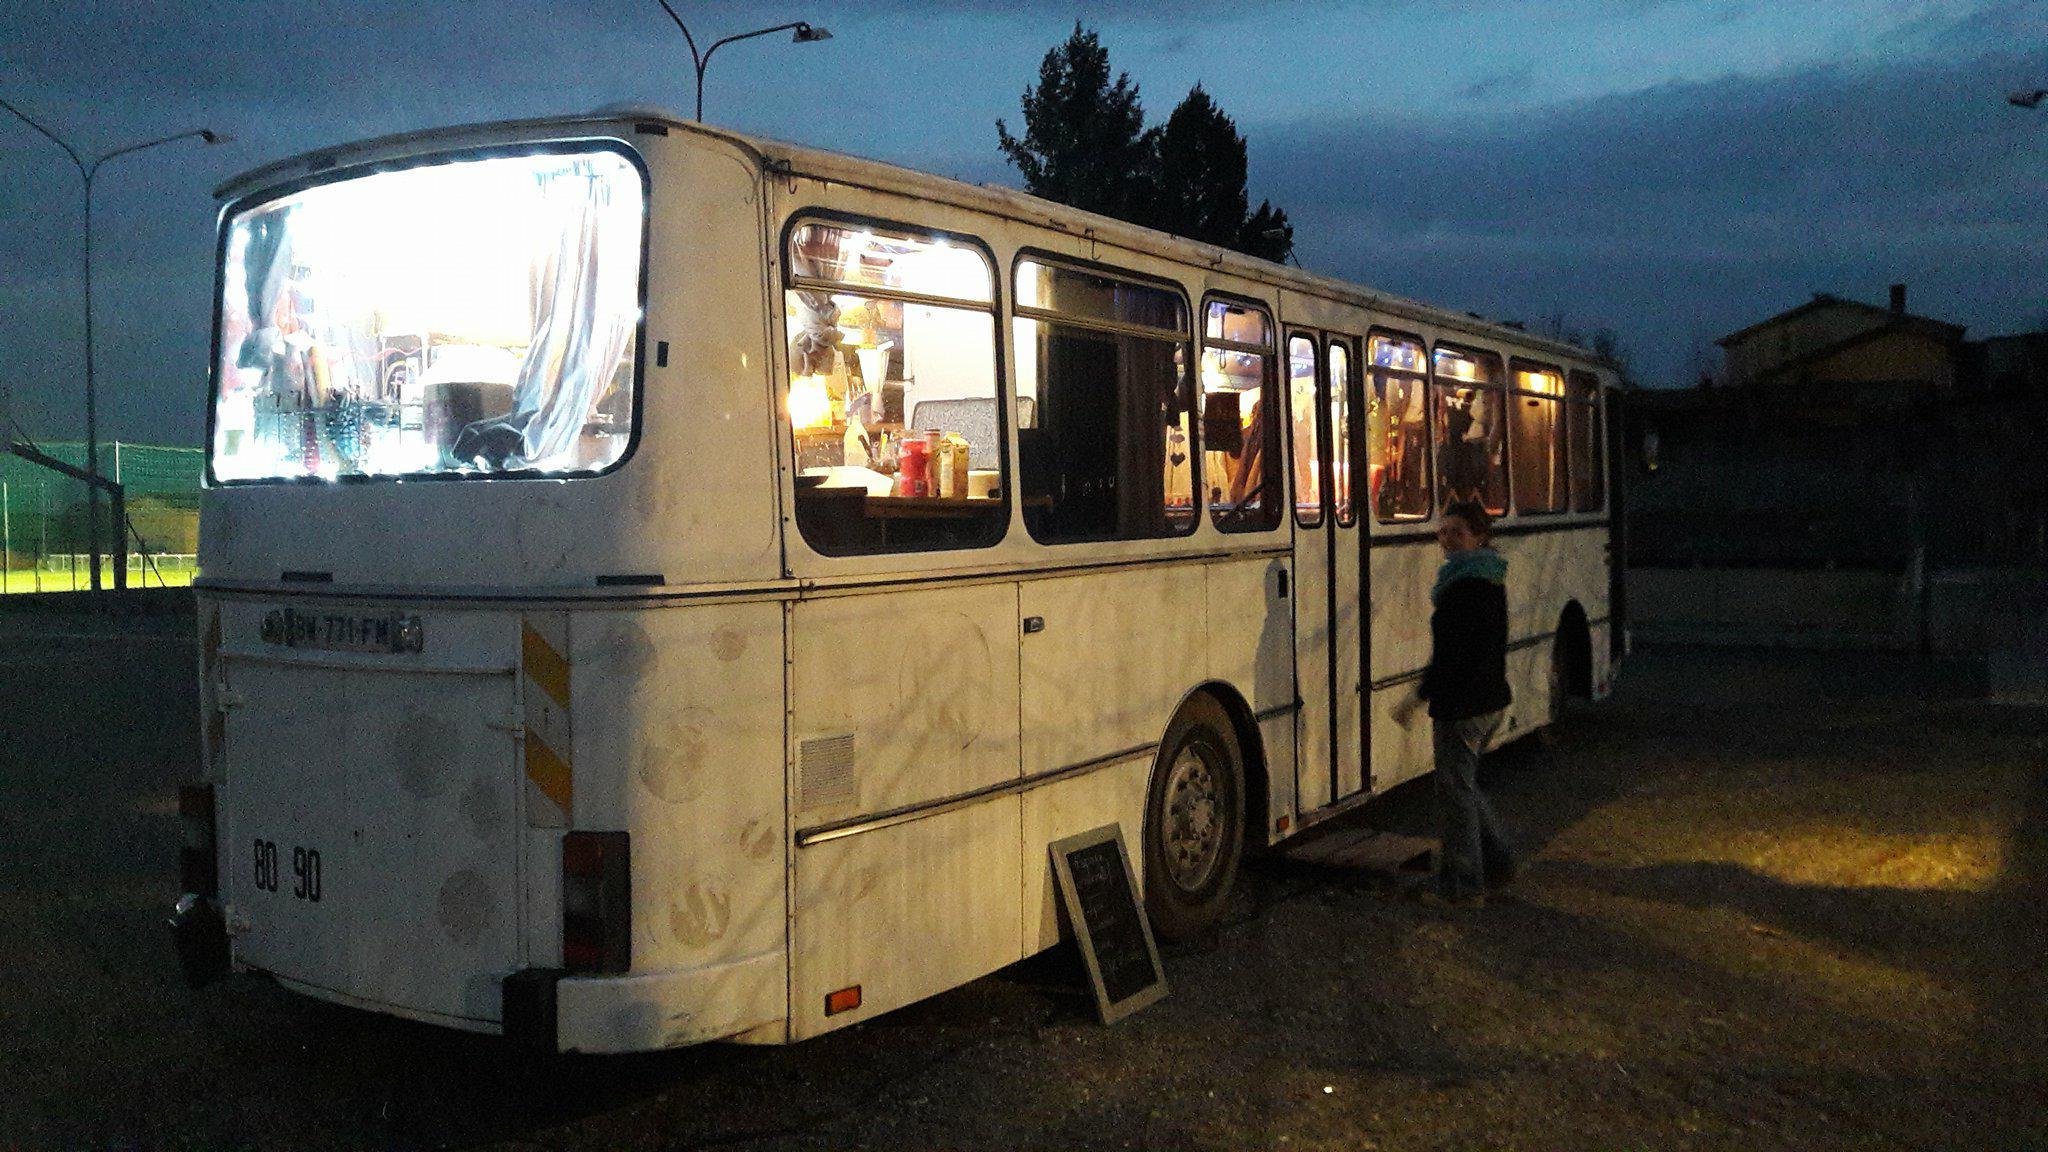 Le bus en nocturne.jpg